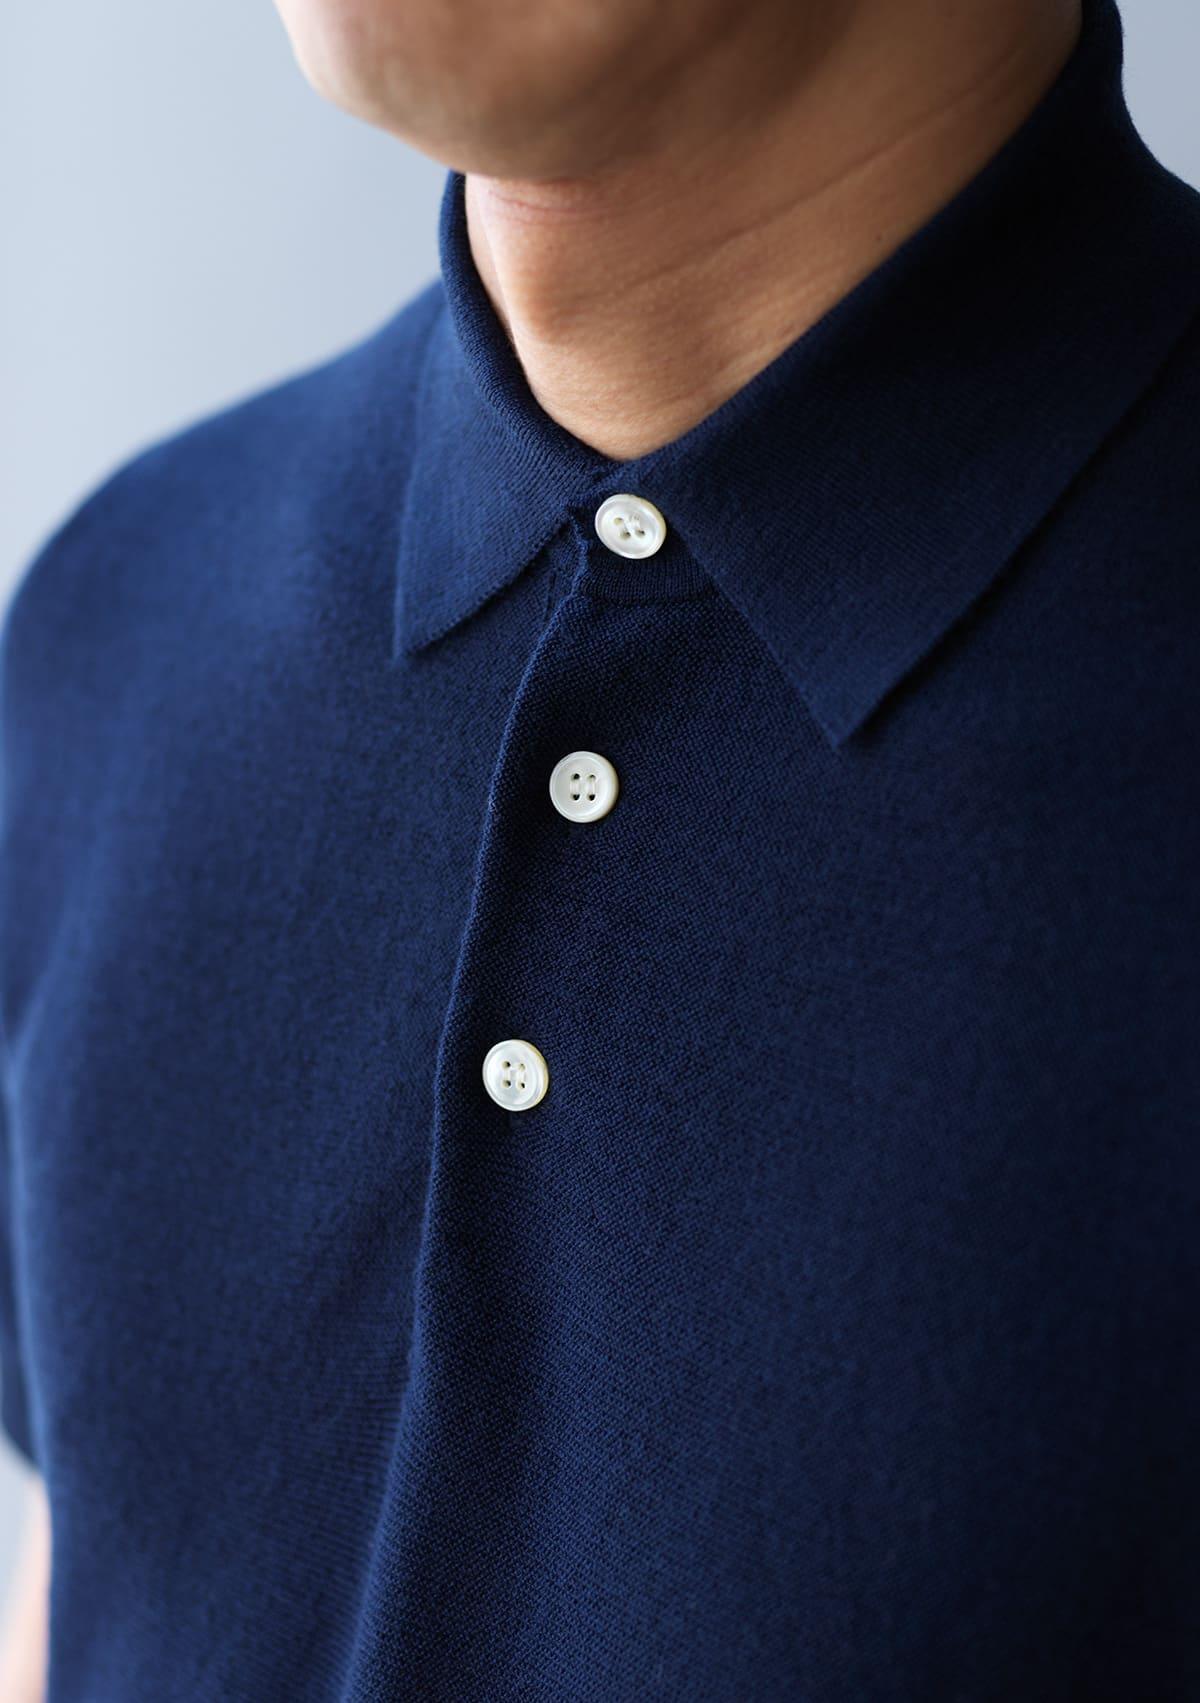 ボタンを閉じても上品に見える襟のデザイン